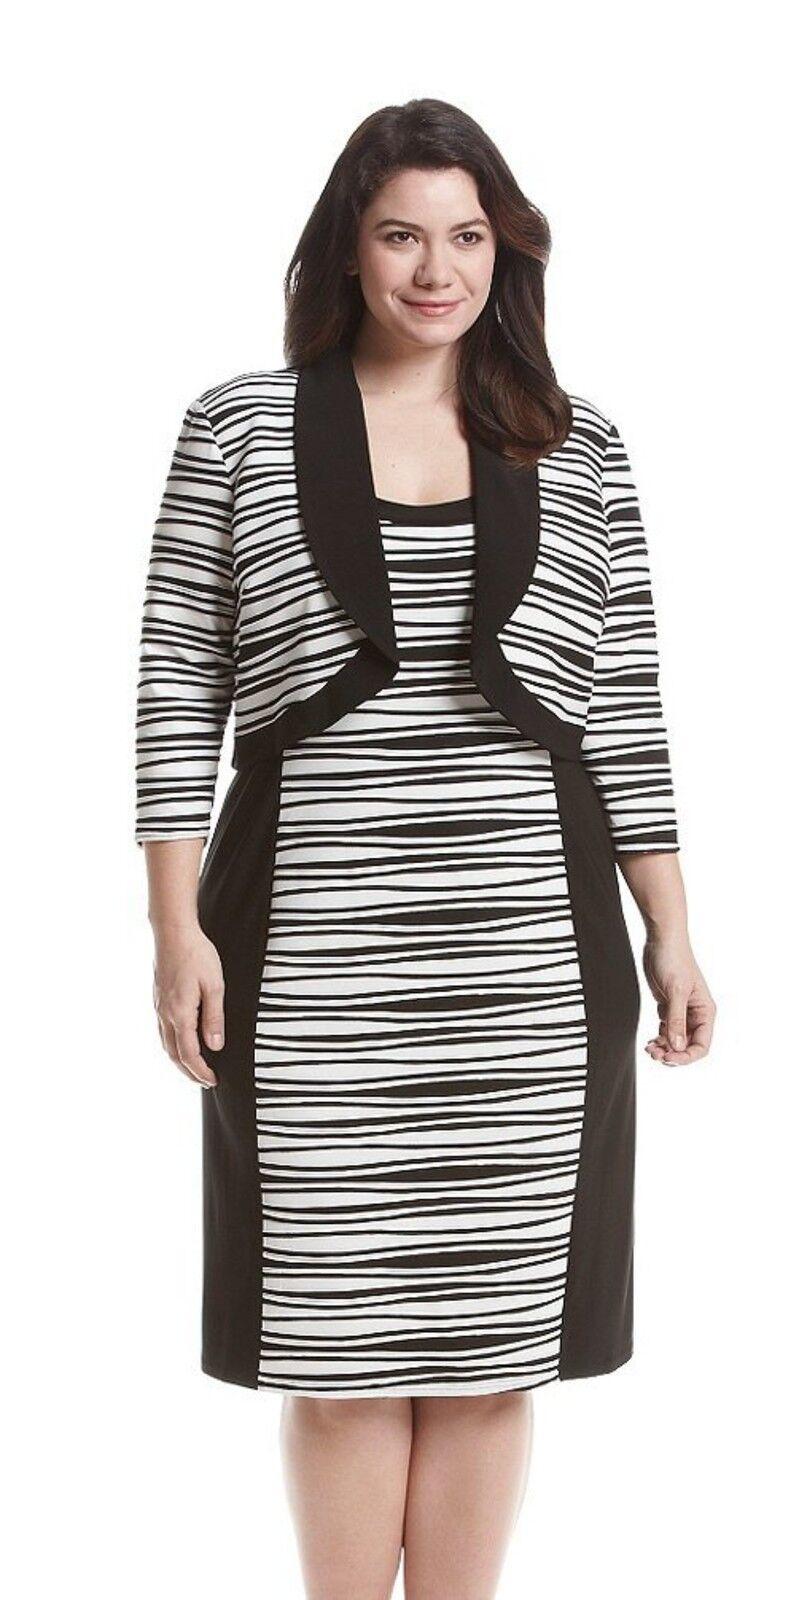 damen R&M Richards Bolero Sheath Dress Plus Größe 14W schwarz Weiß Wavy Striped